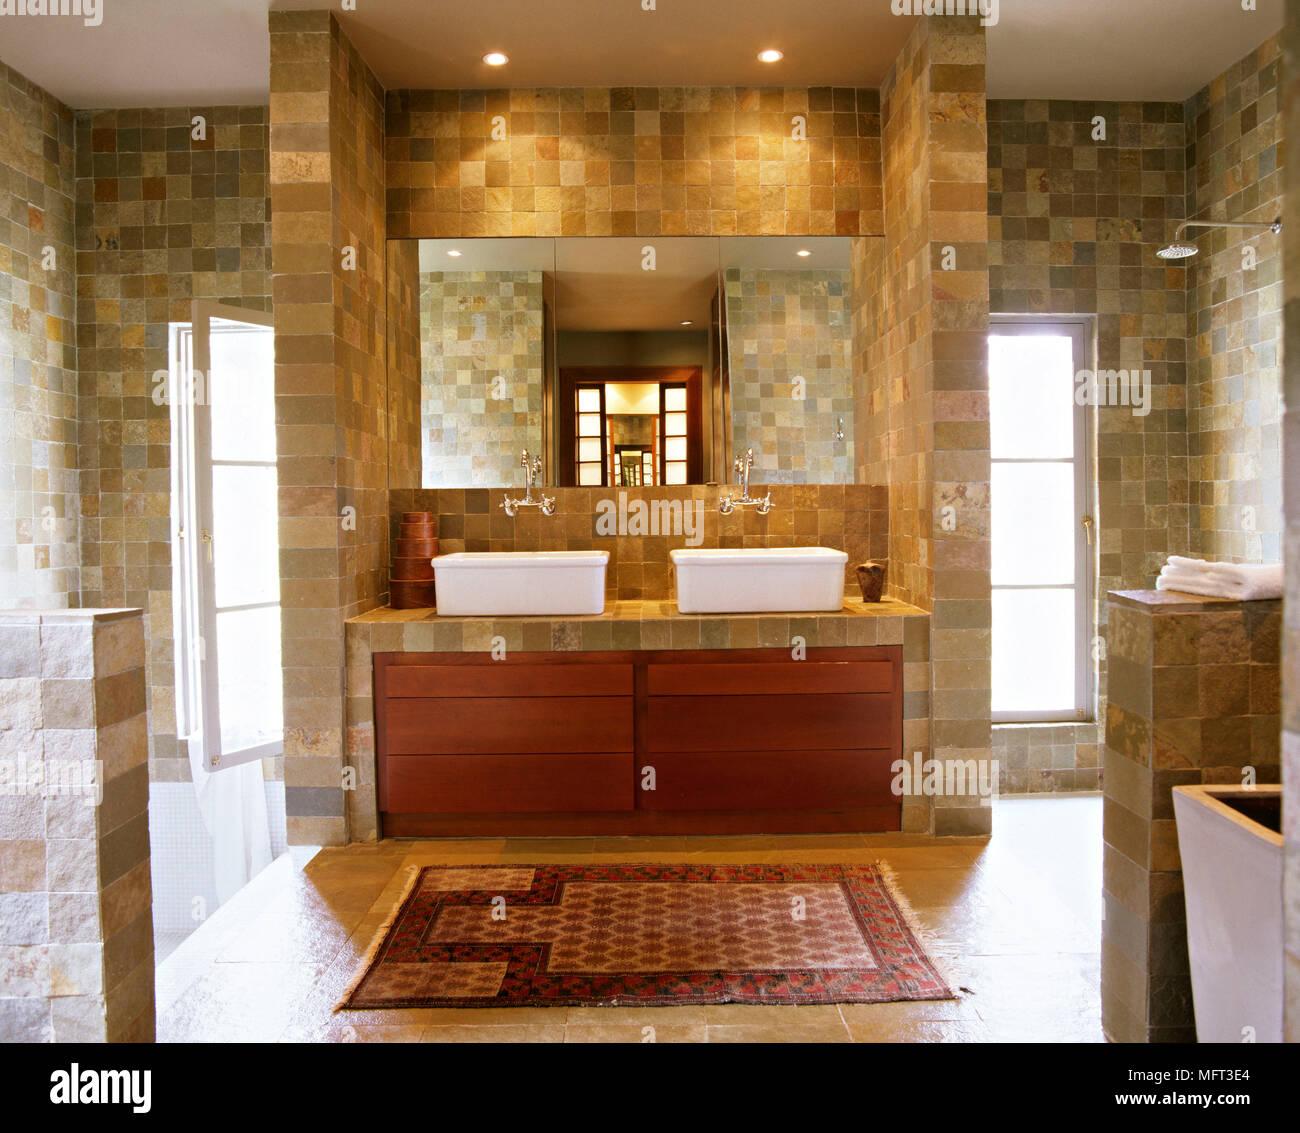 Modernes Badezimmer Gefliesten Wanden Zwei Waschbecken Auf